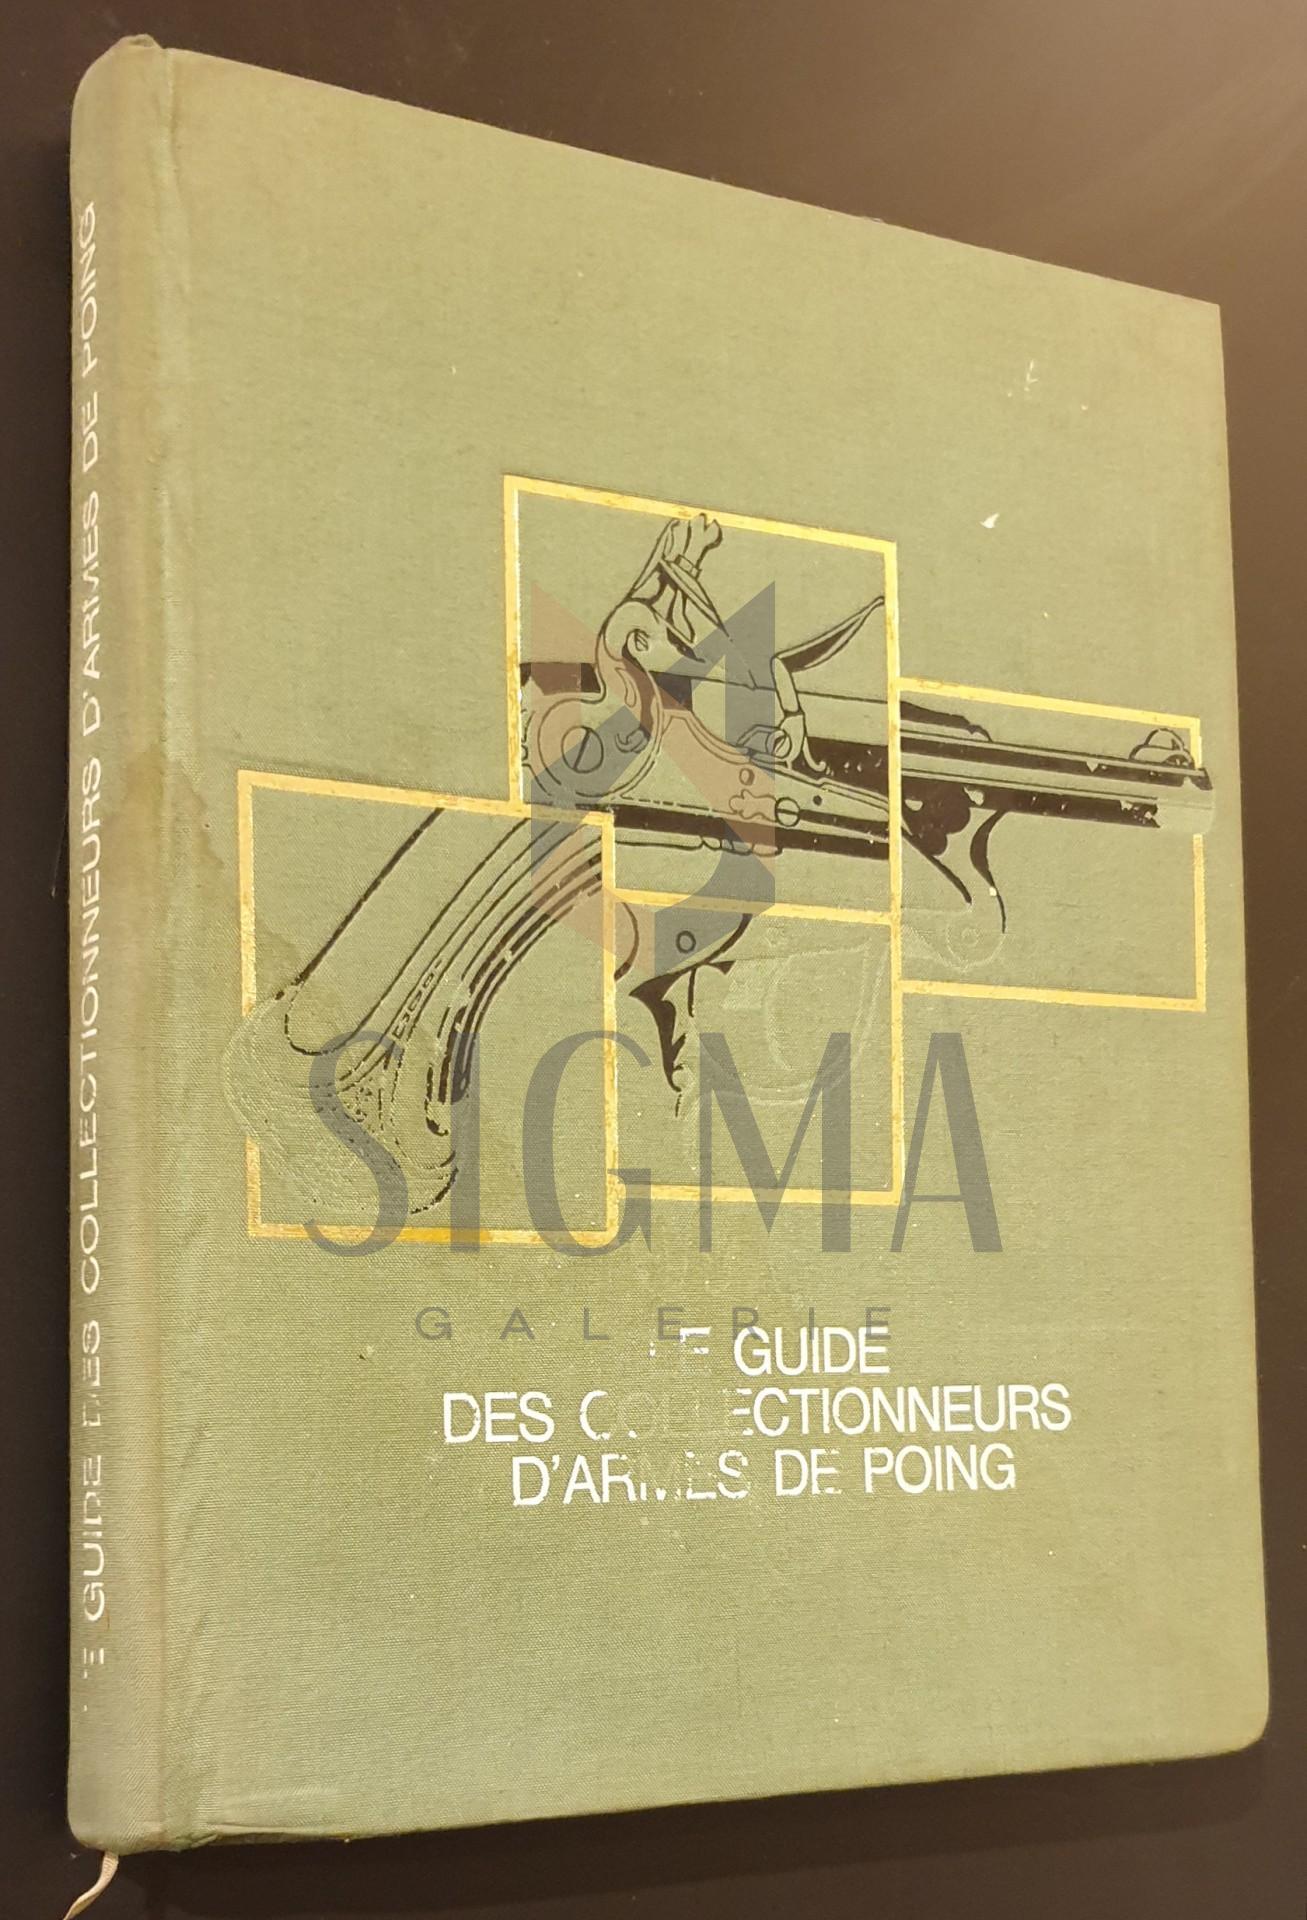 """Le guide des collectionneurs D""""ARMES DE POING"""